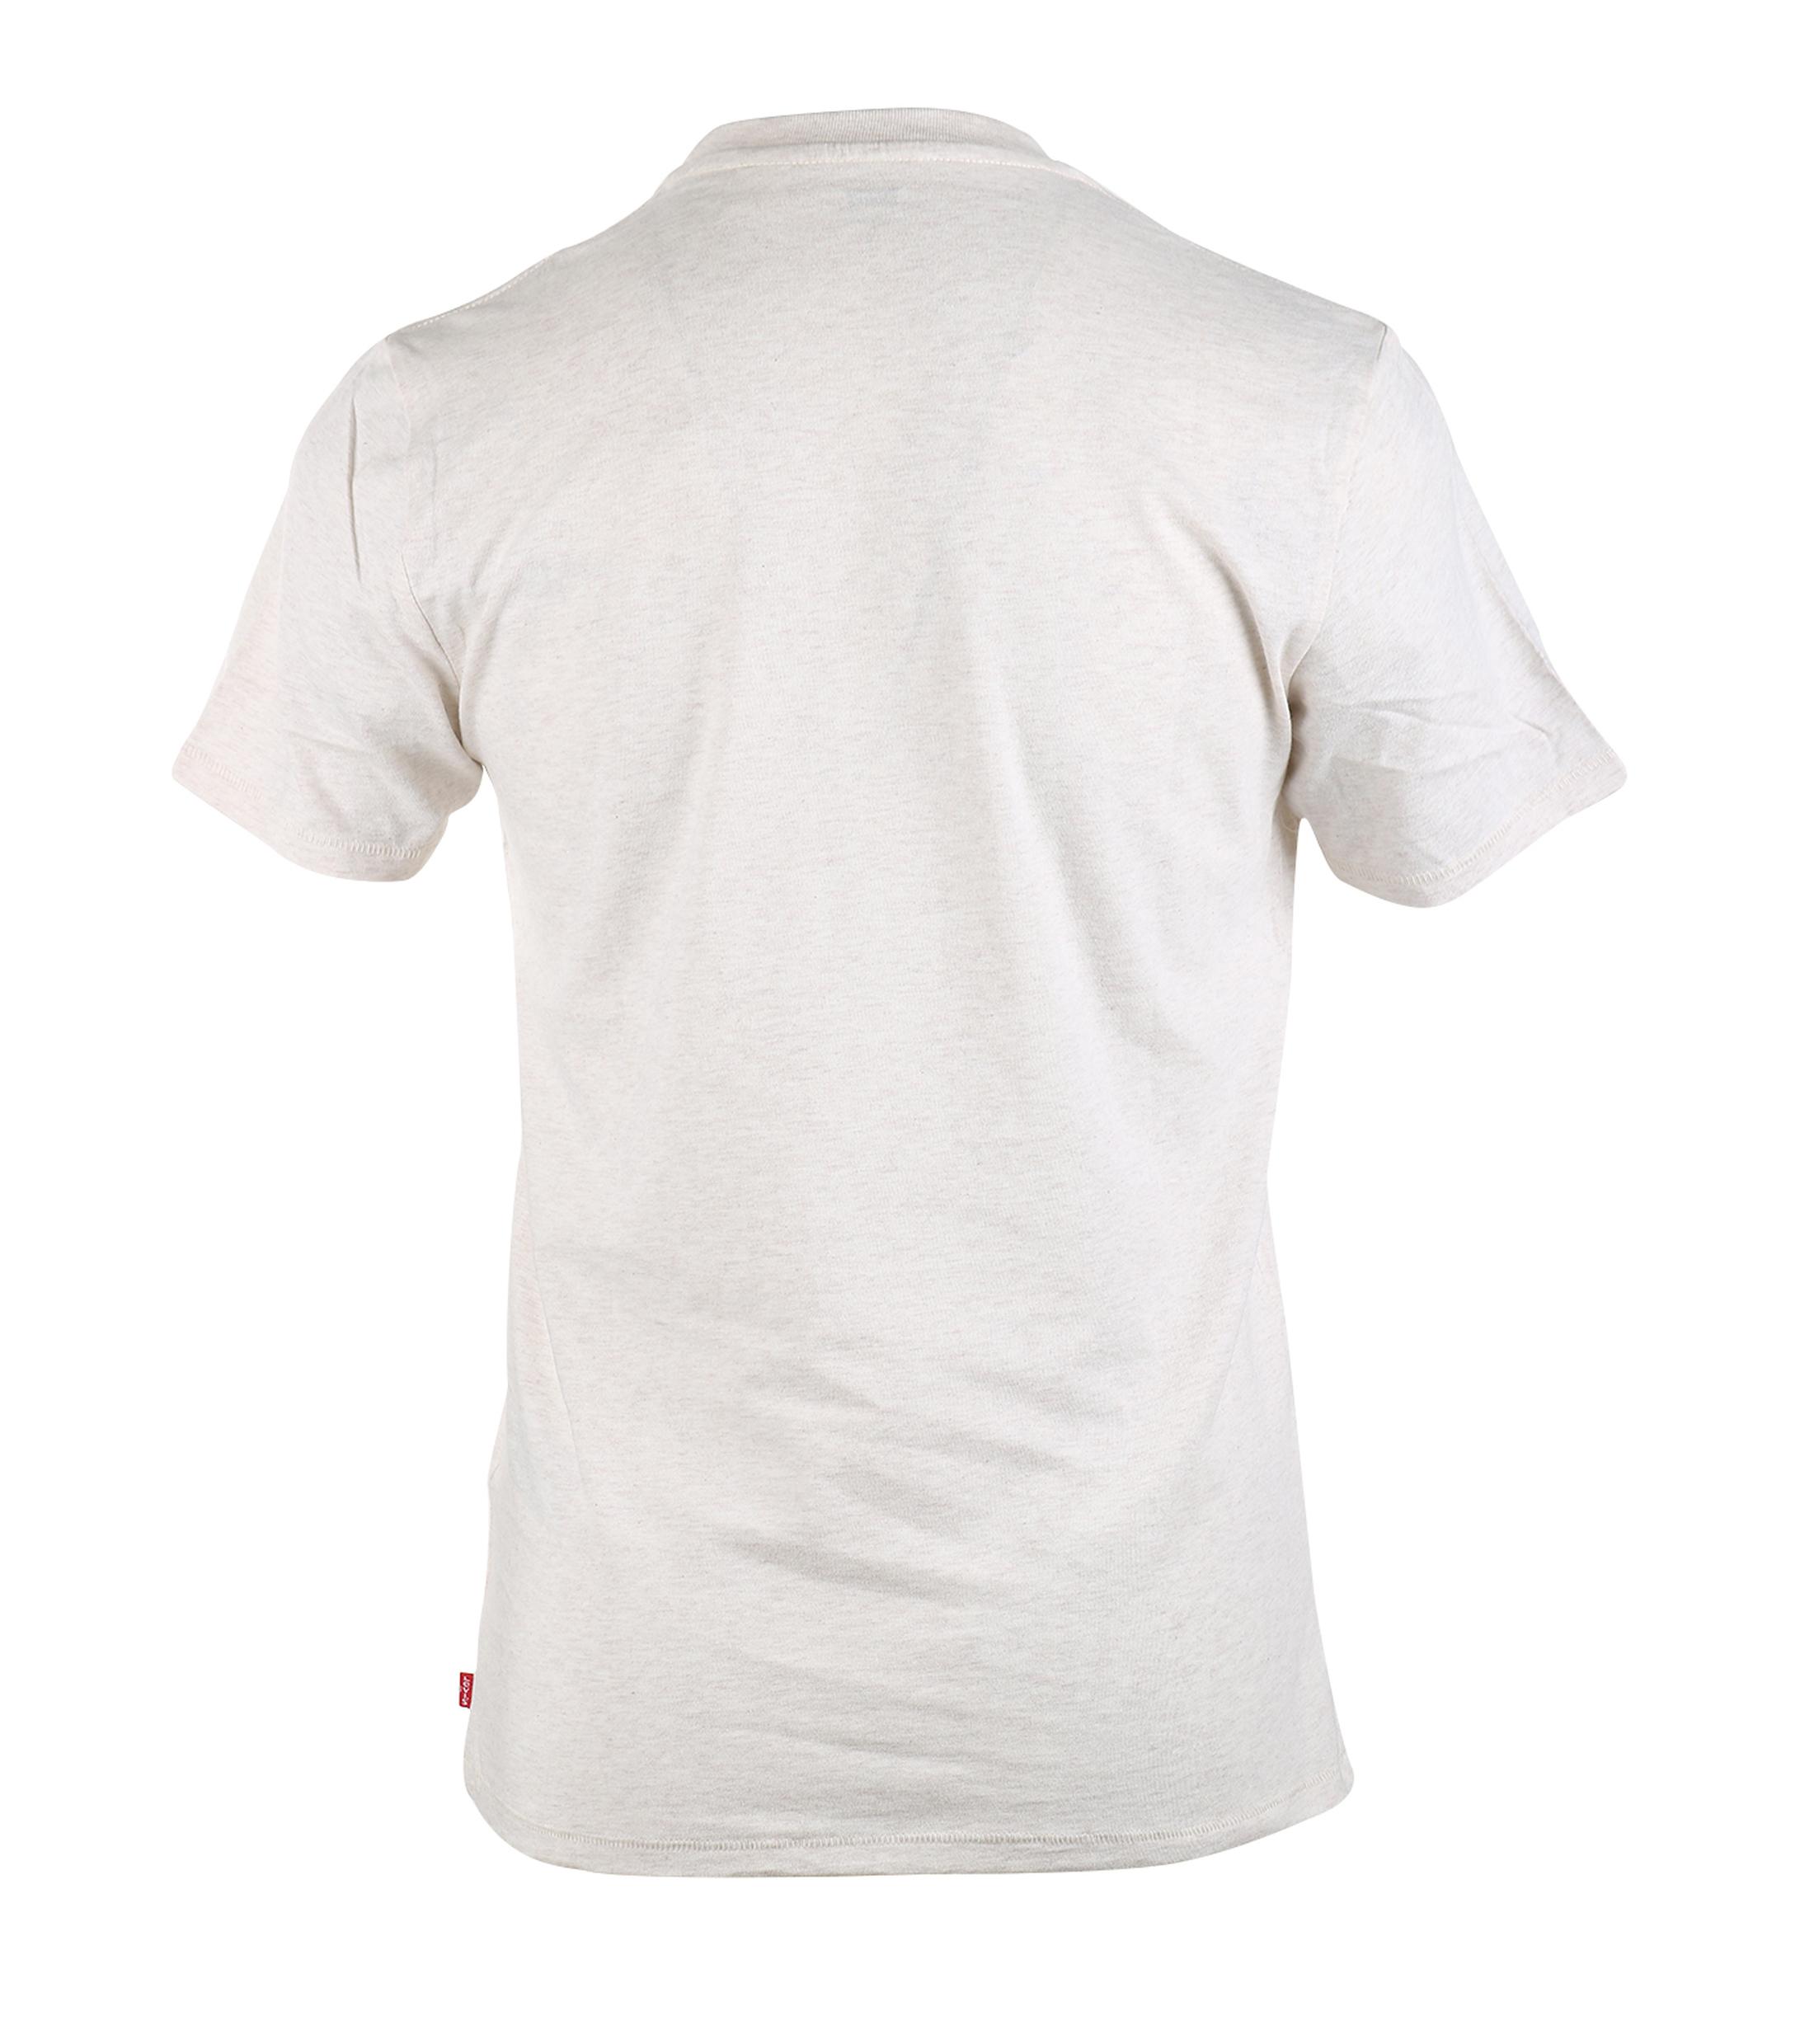 Levi's T-shirt met Logo Beige foto 1